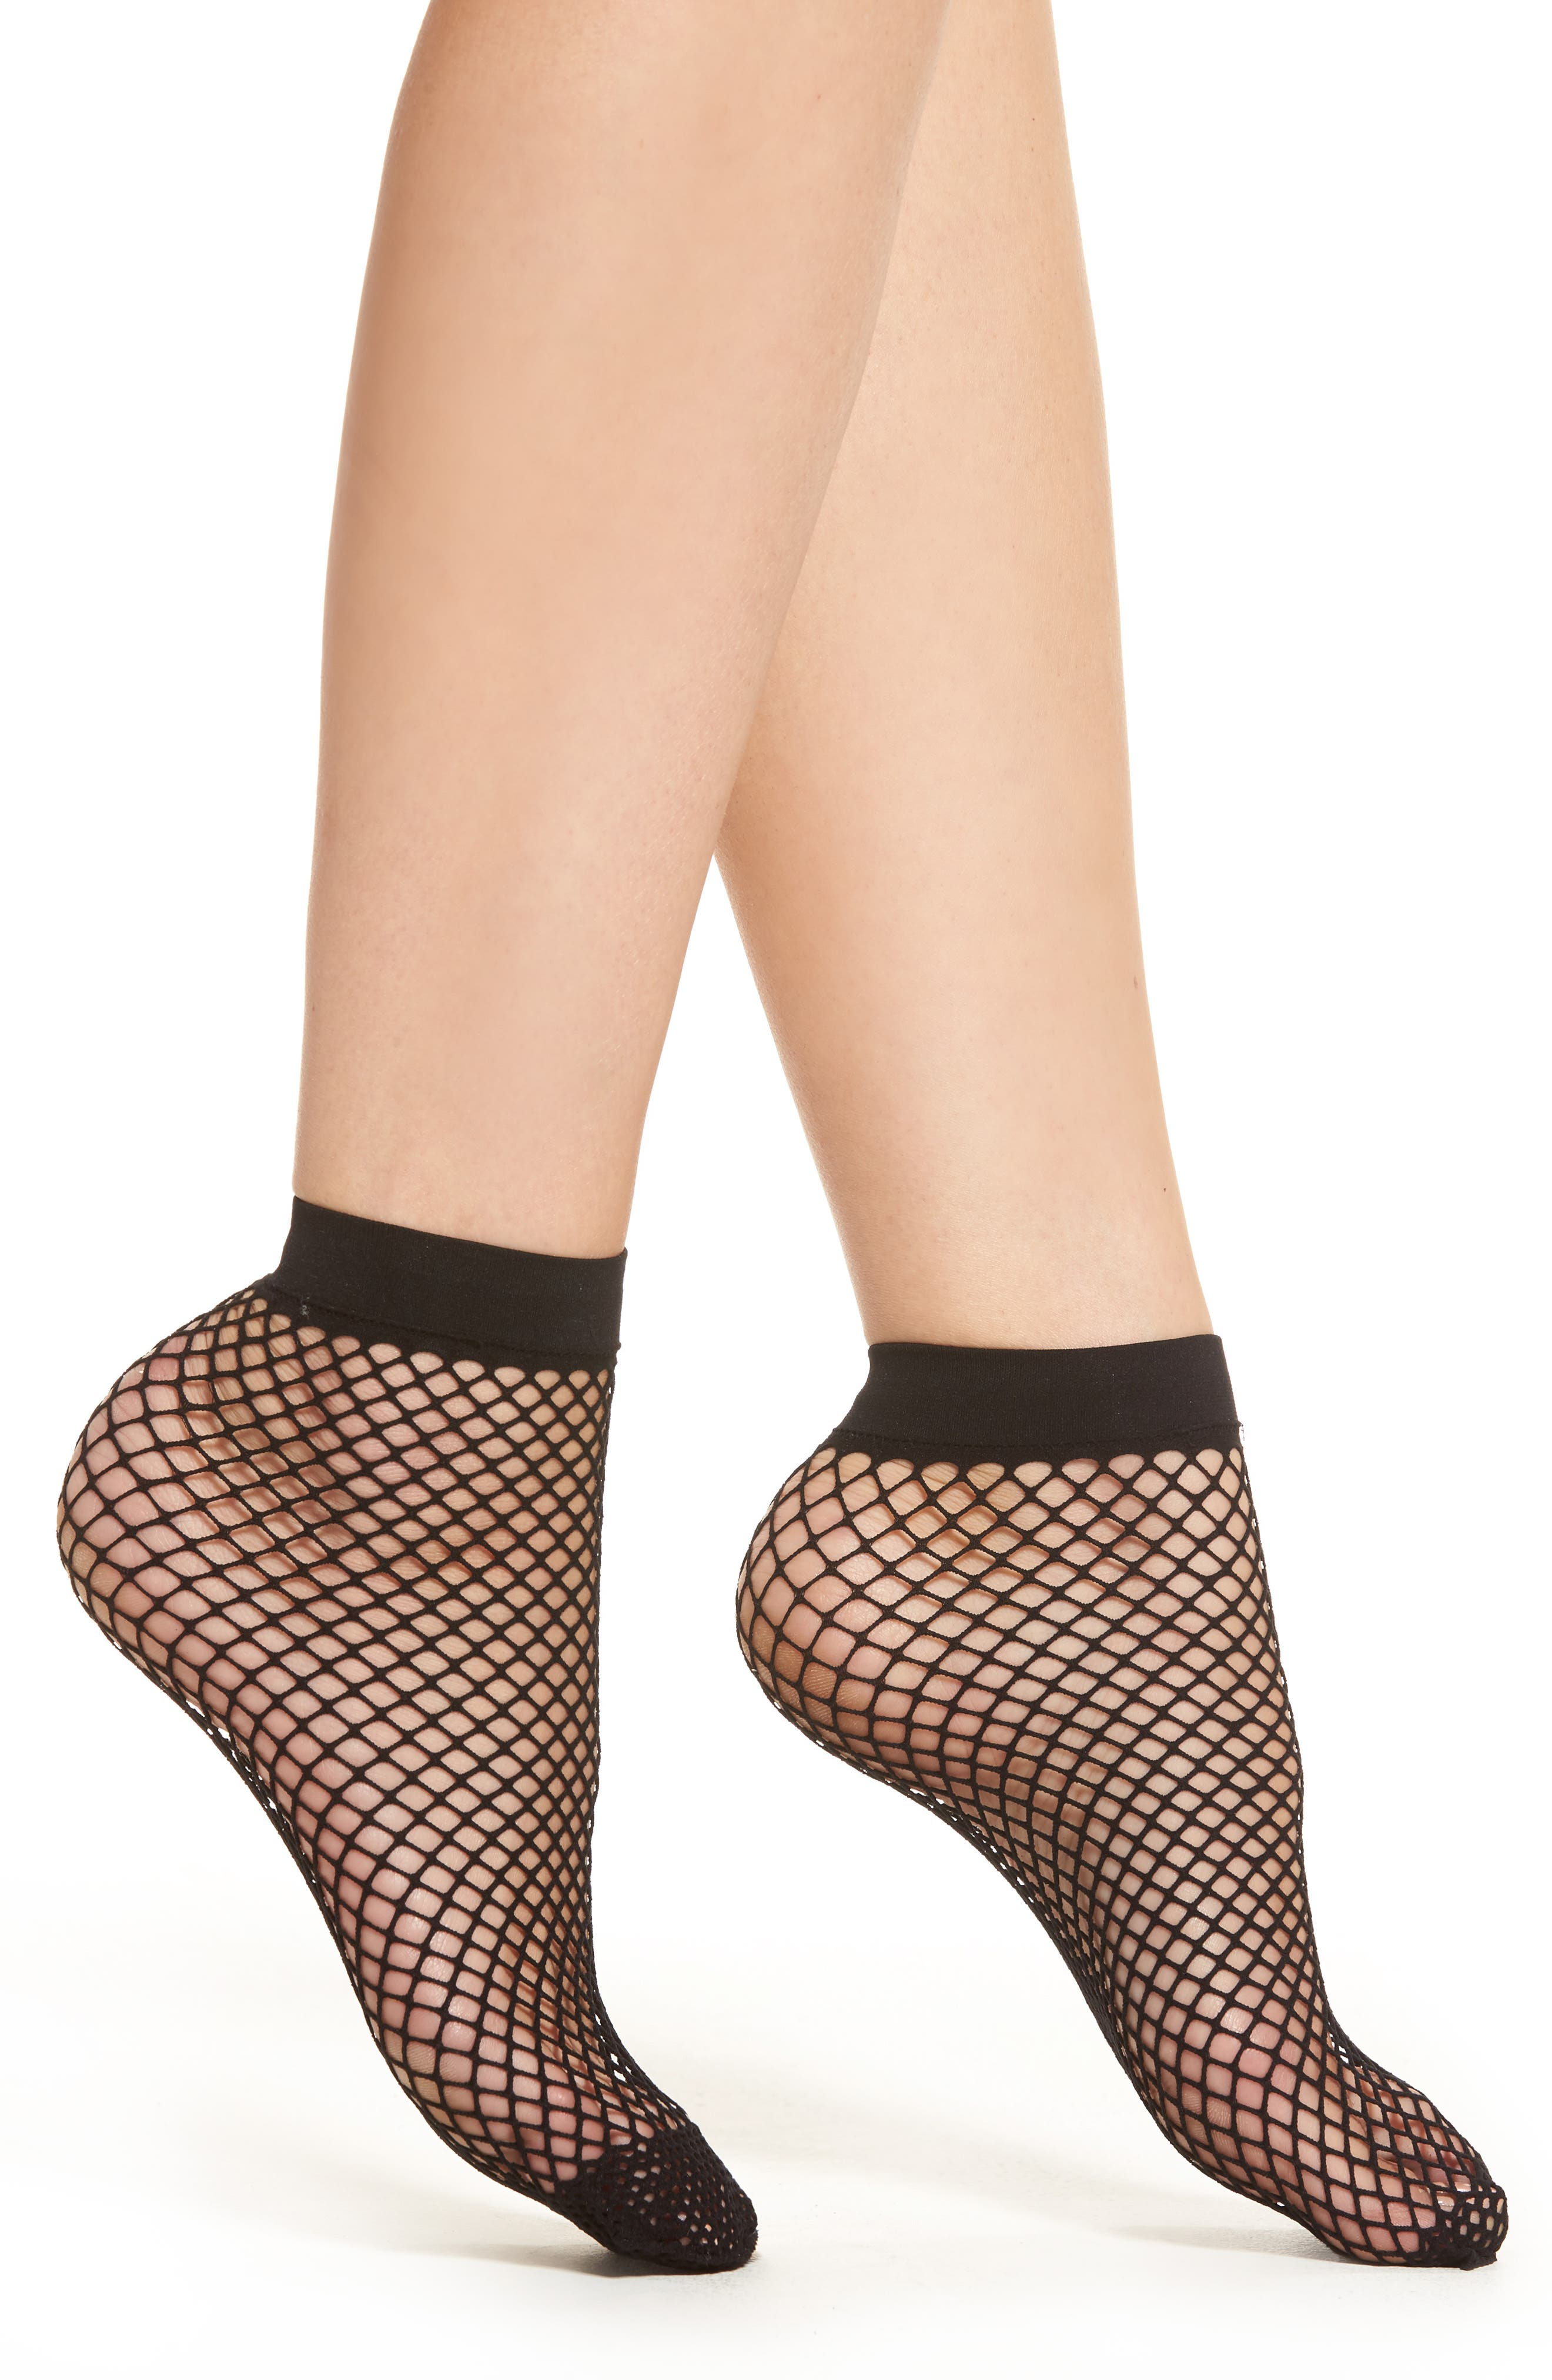 Alternate Image 1 Selected - Capelli New York Fishnet Ankle Socks